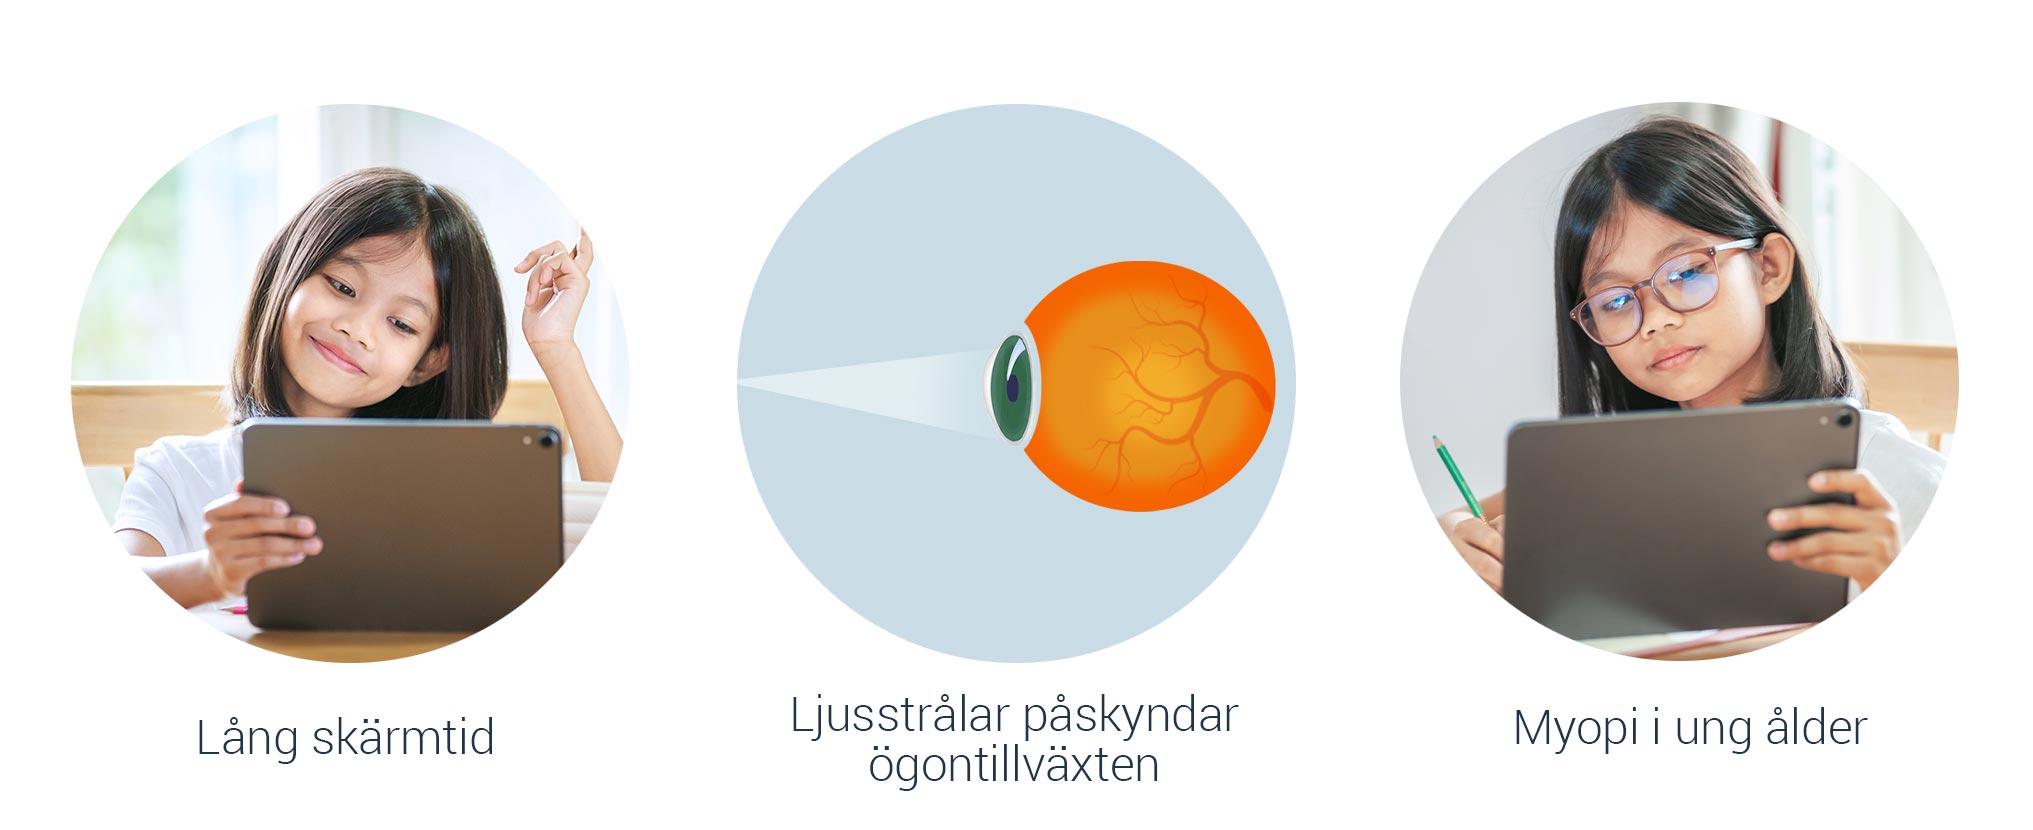 Vad orsakar närsynthet (myopi) hos barn?